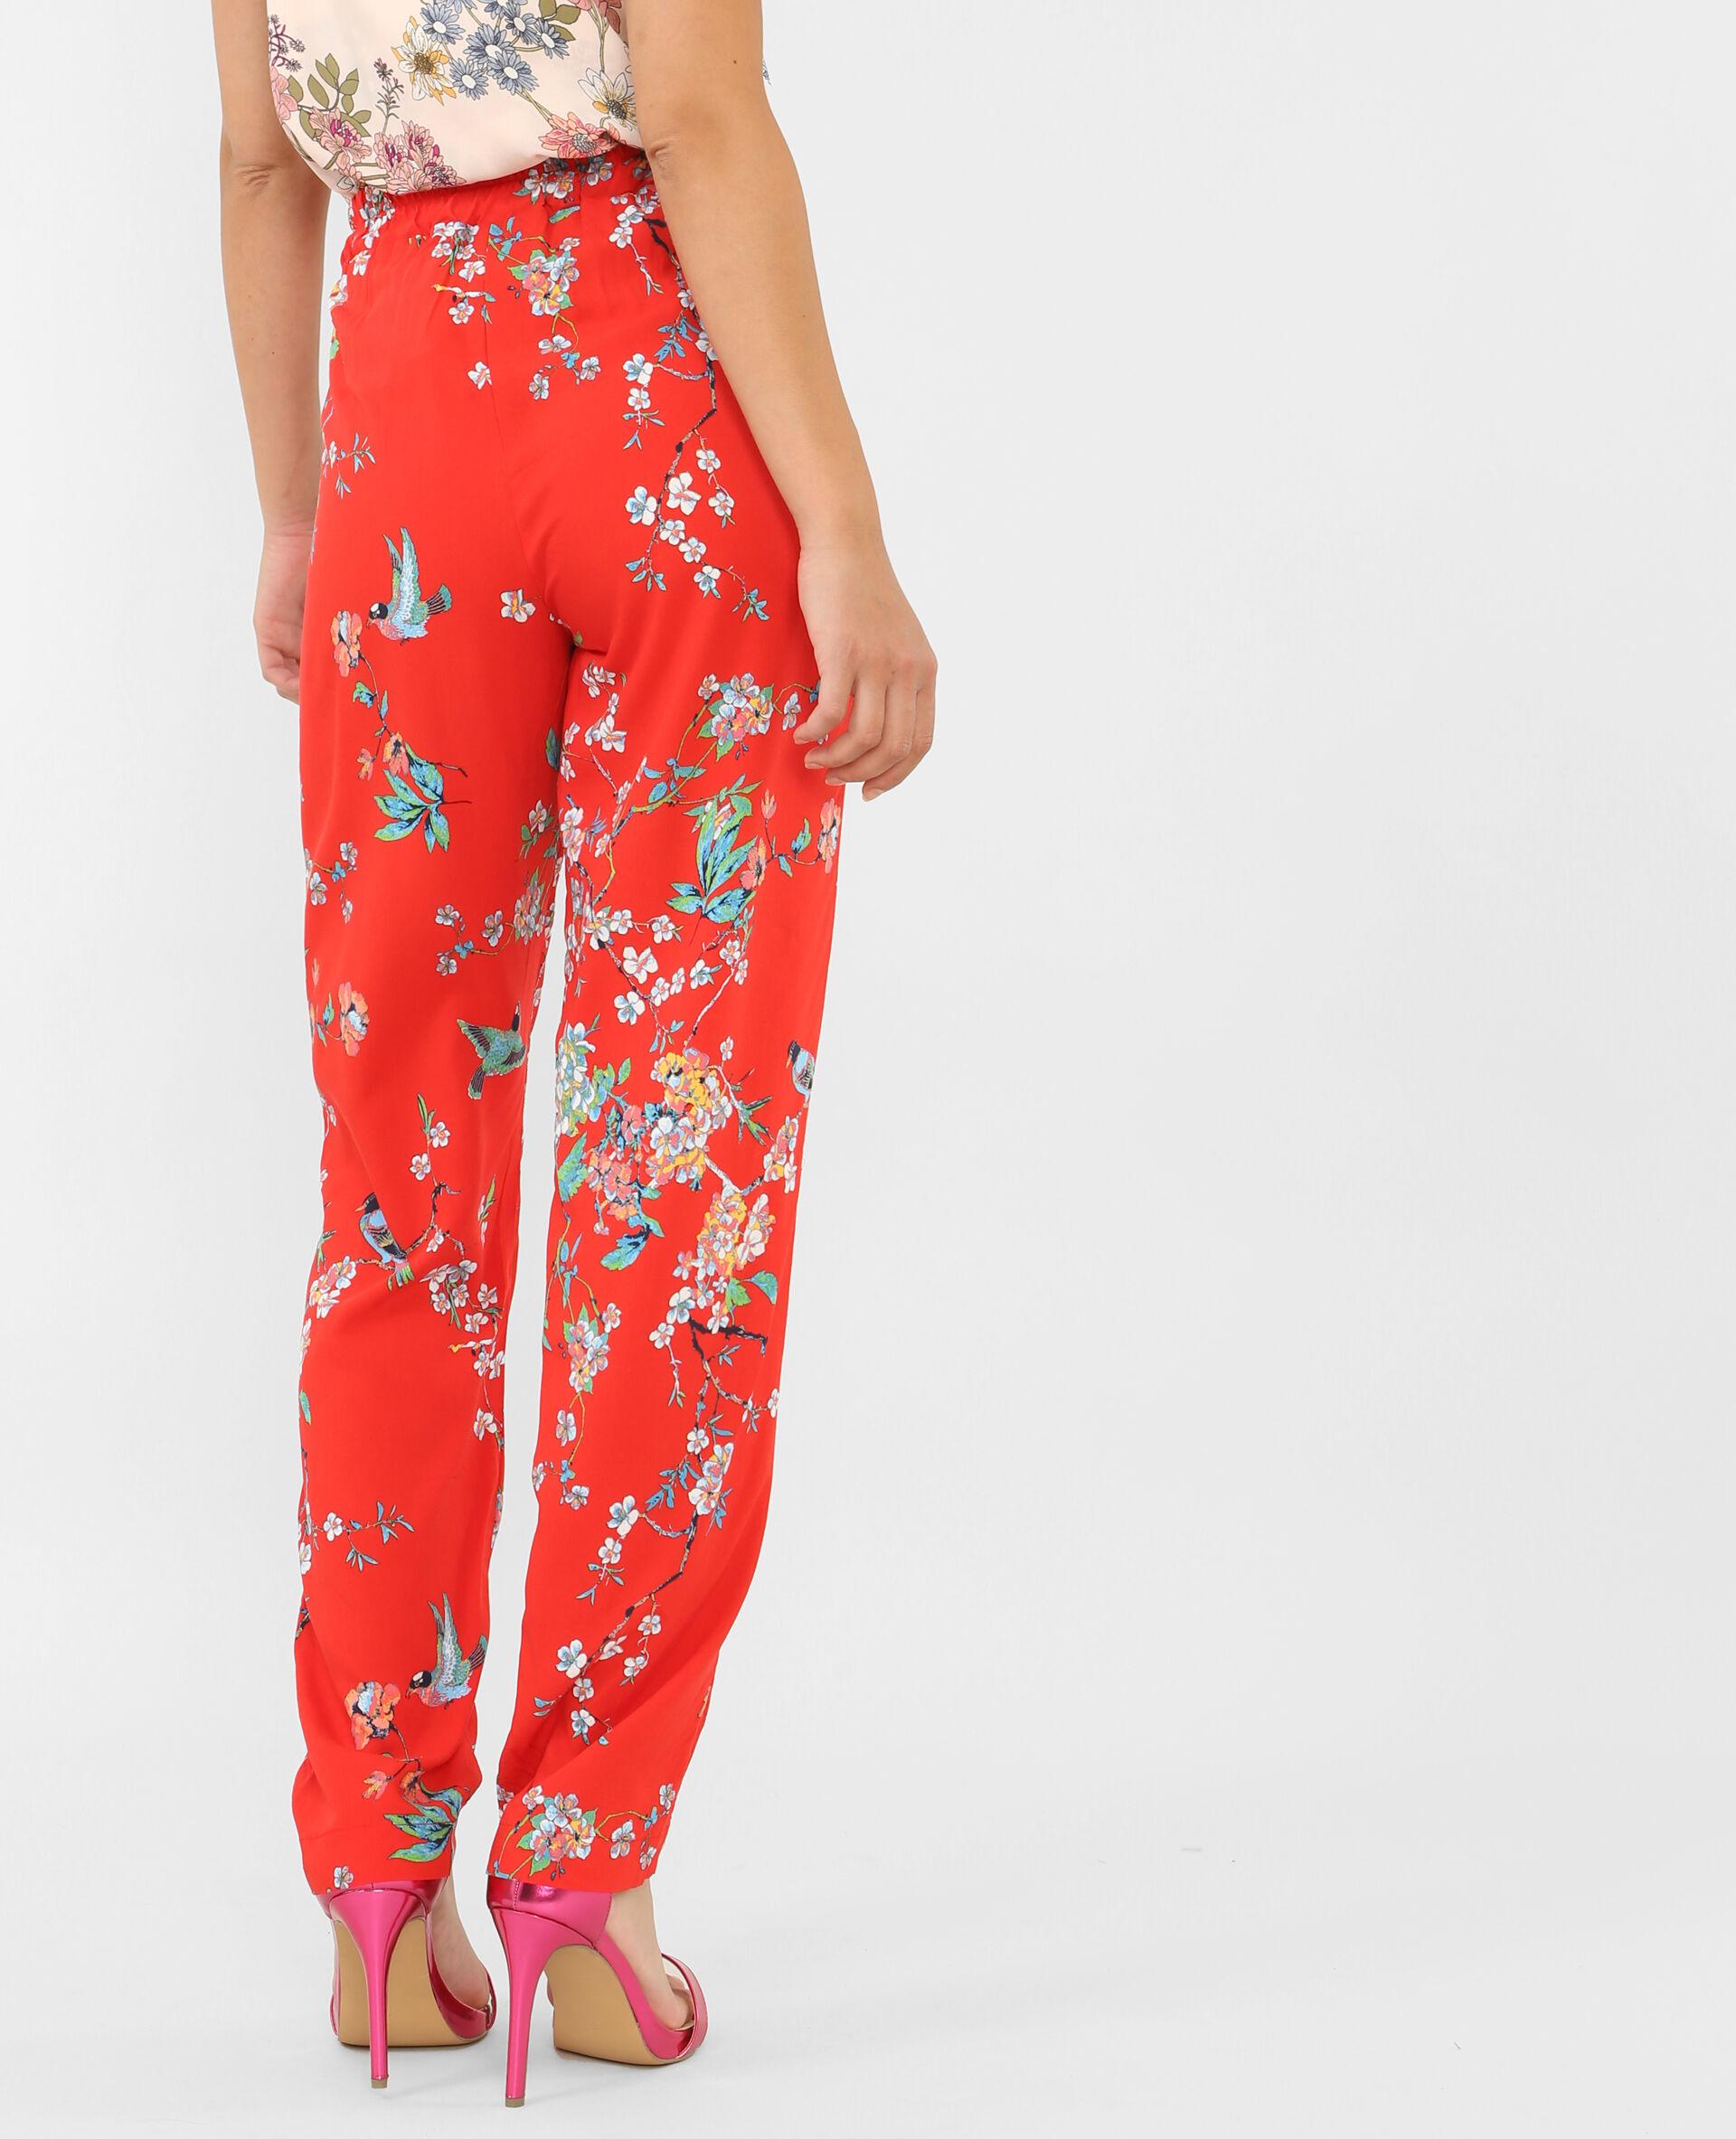 Pantalon fluide rouge